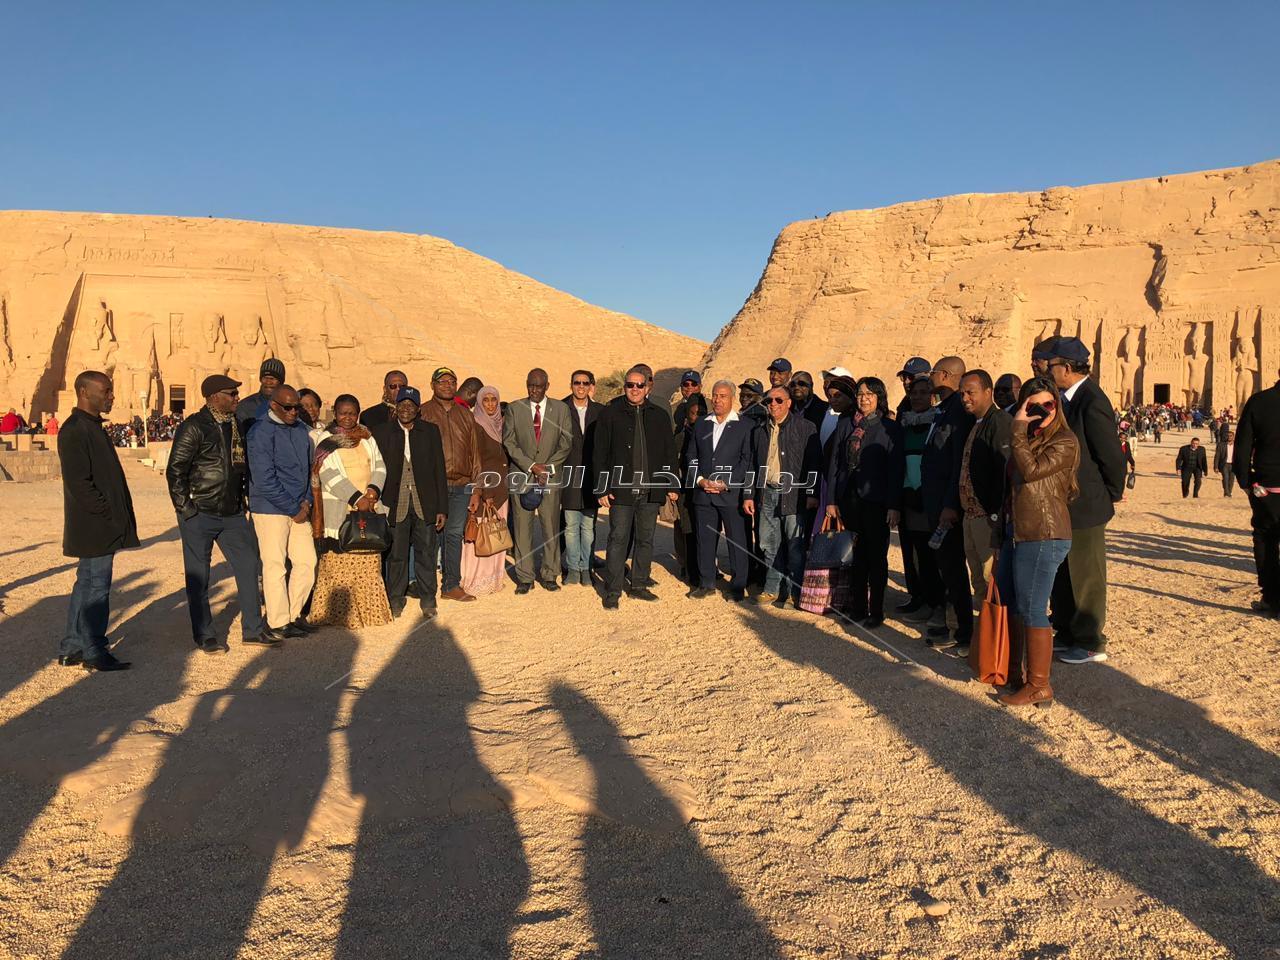 وزير الآثار يلتقط الصور التذكارية مع فرق الفولكلور بمعبد أبو سمبل